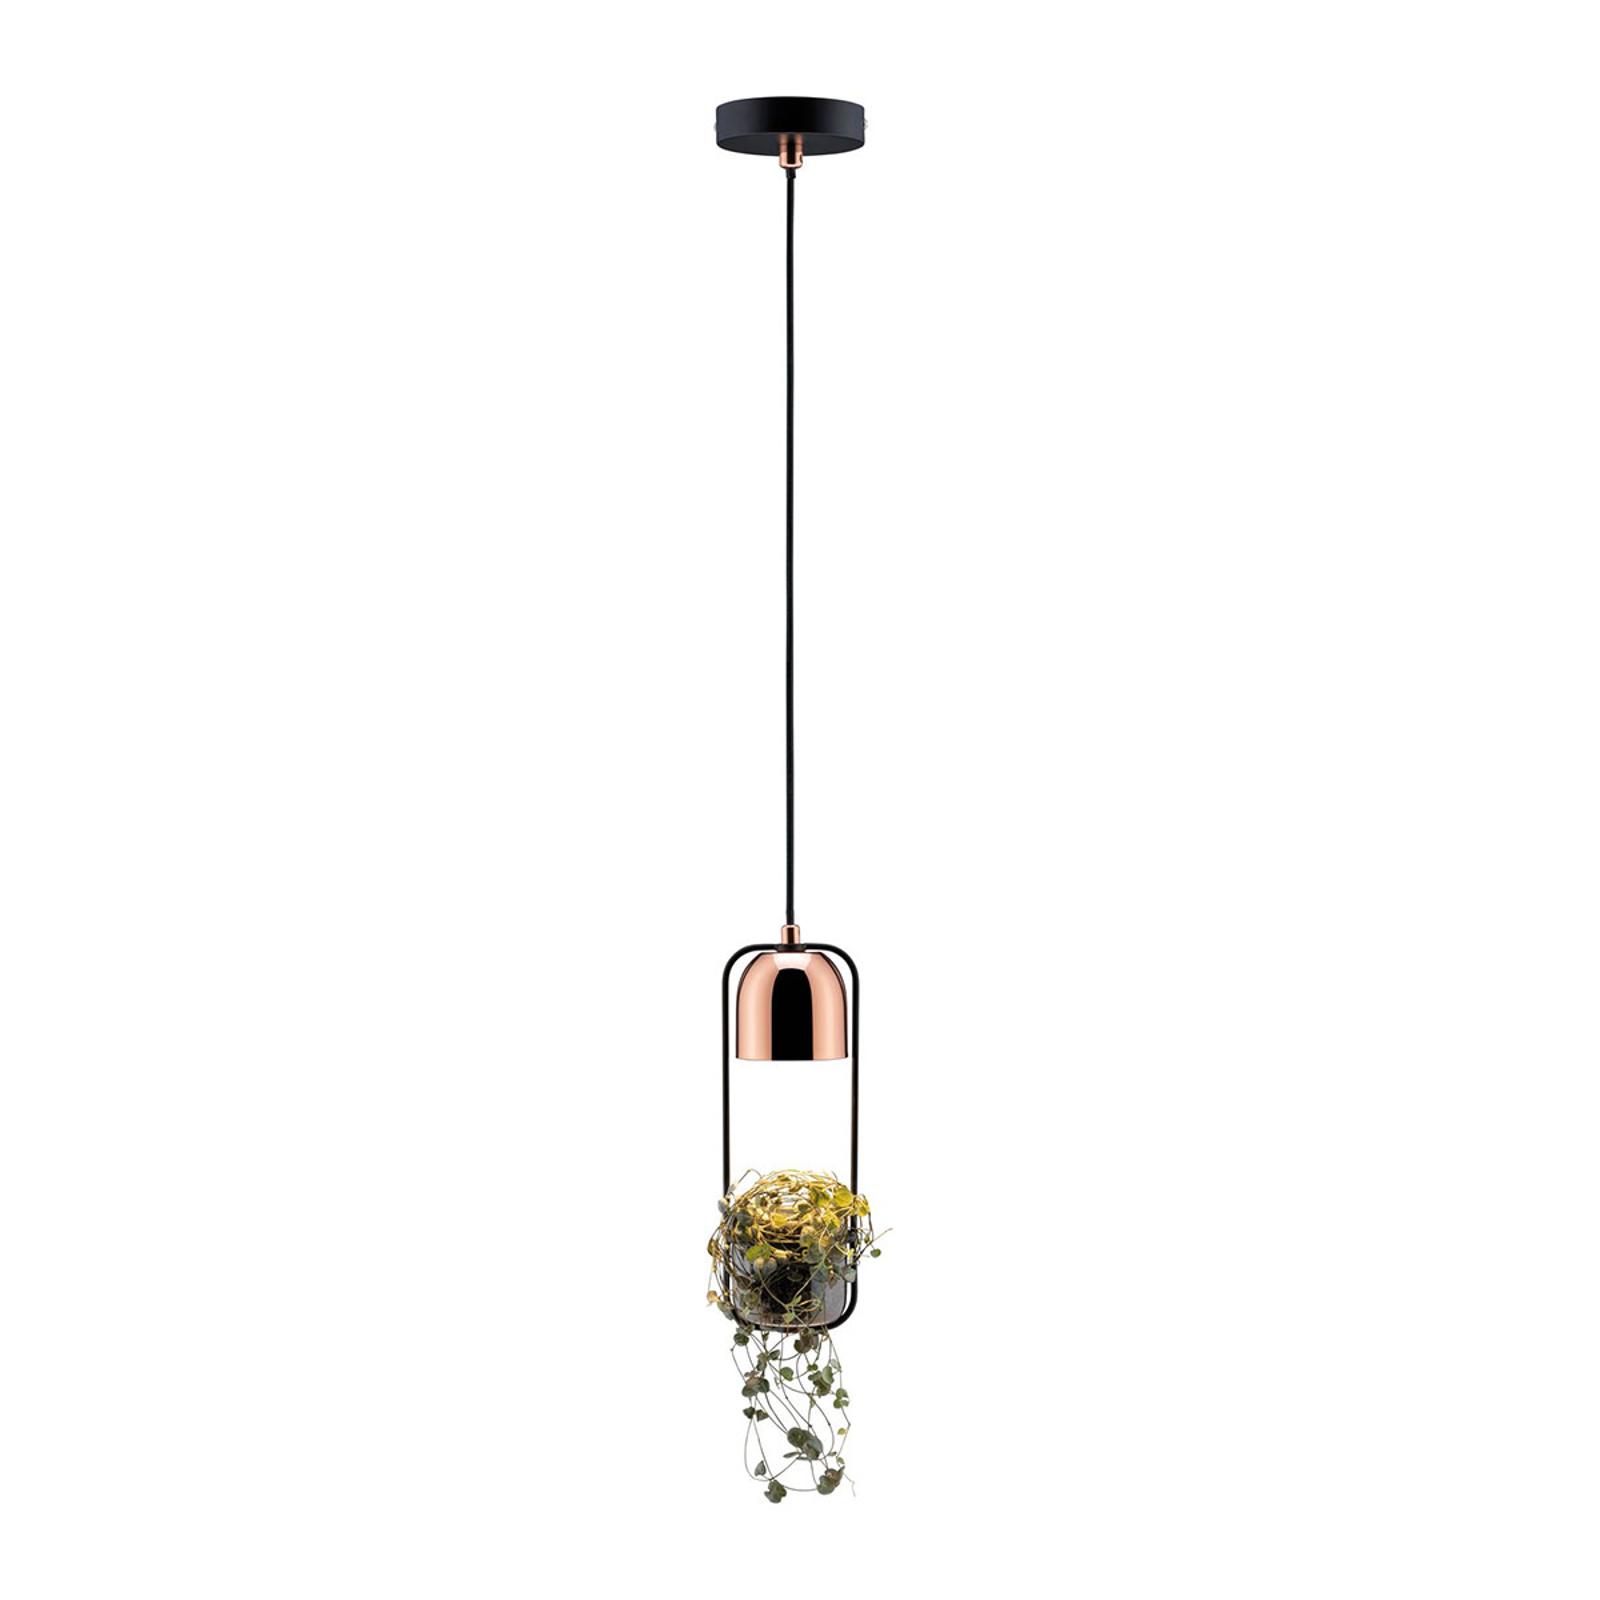 Paulmann lampa wisząca Fanja z doniczką